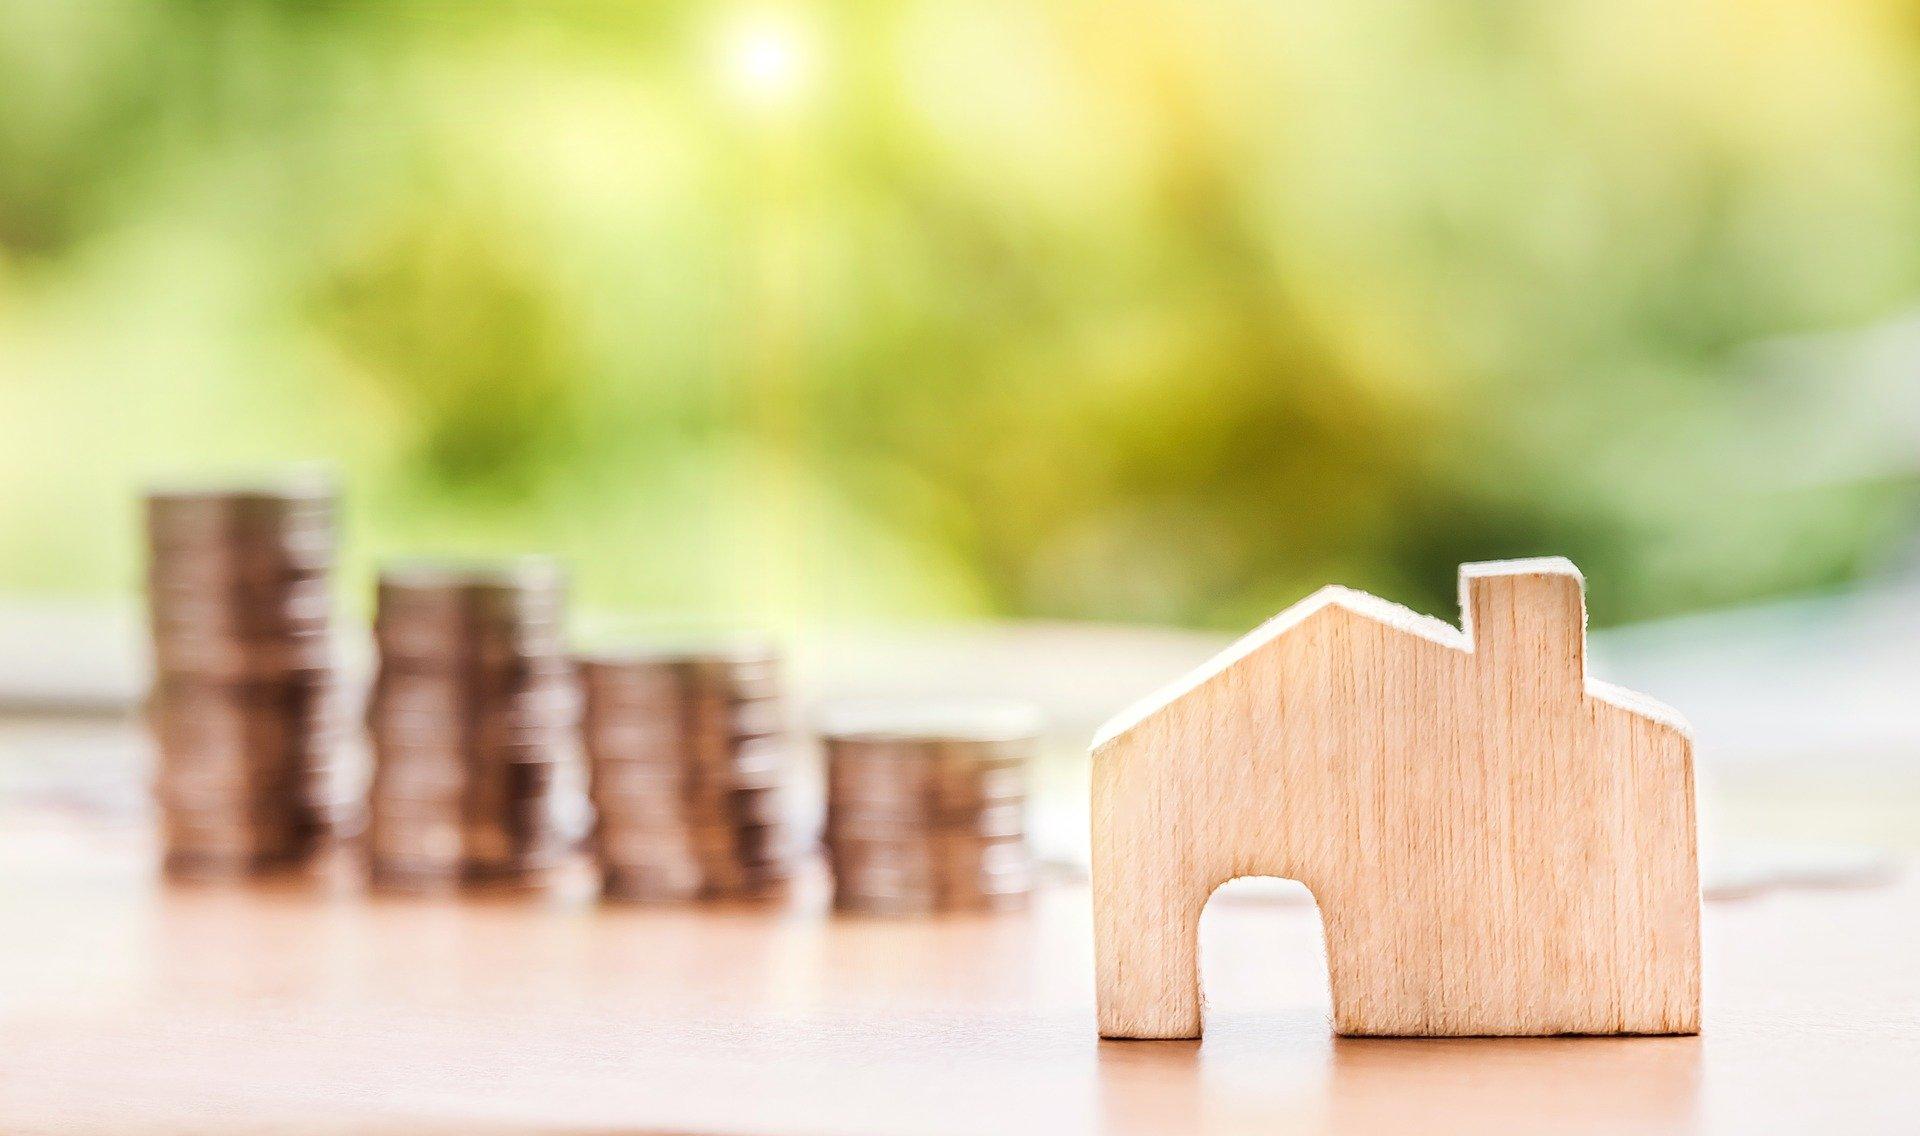 Les critères fondamentaux pour estimer un bien immobilier